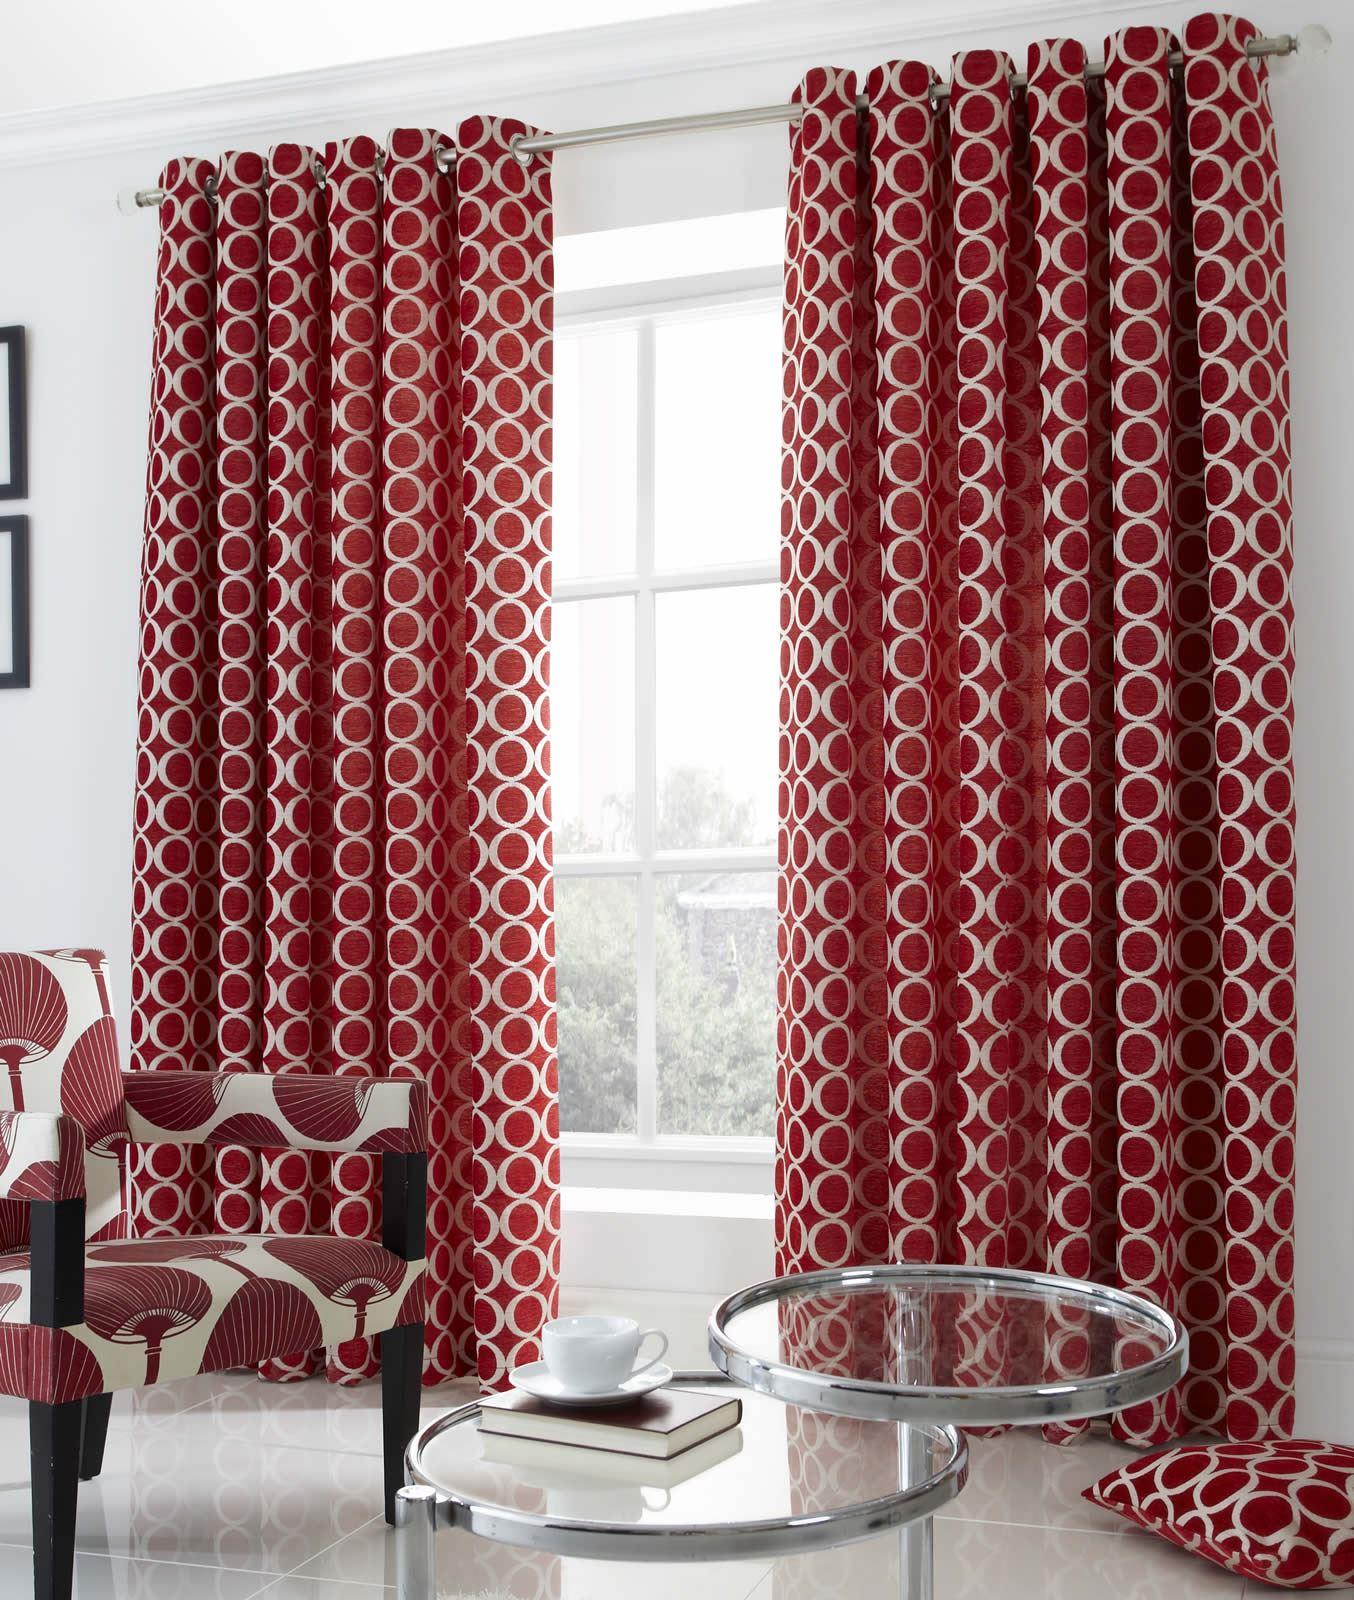 rideaux de luxe rideaux oeillet poids lourds cr me rouge noir ebay. Black Bedroom Furniture Sets. Home Design Ideas